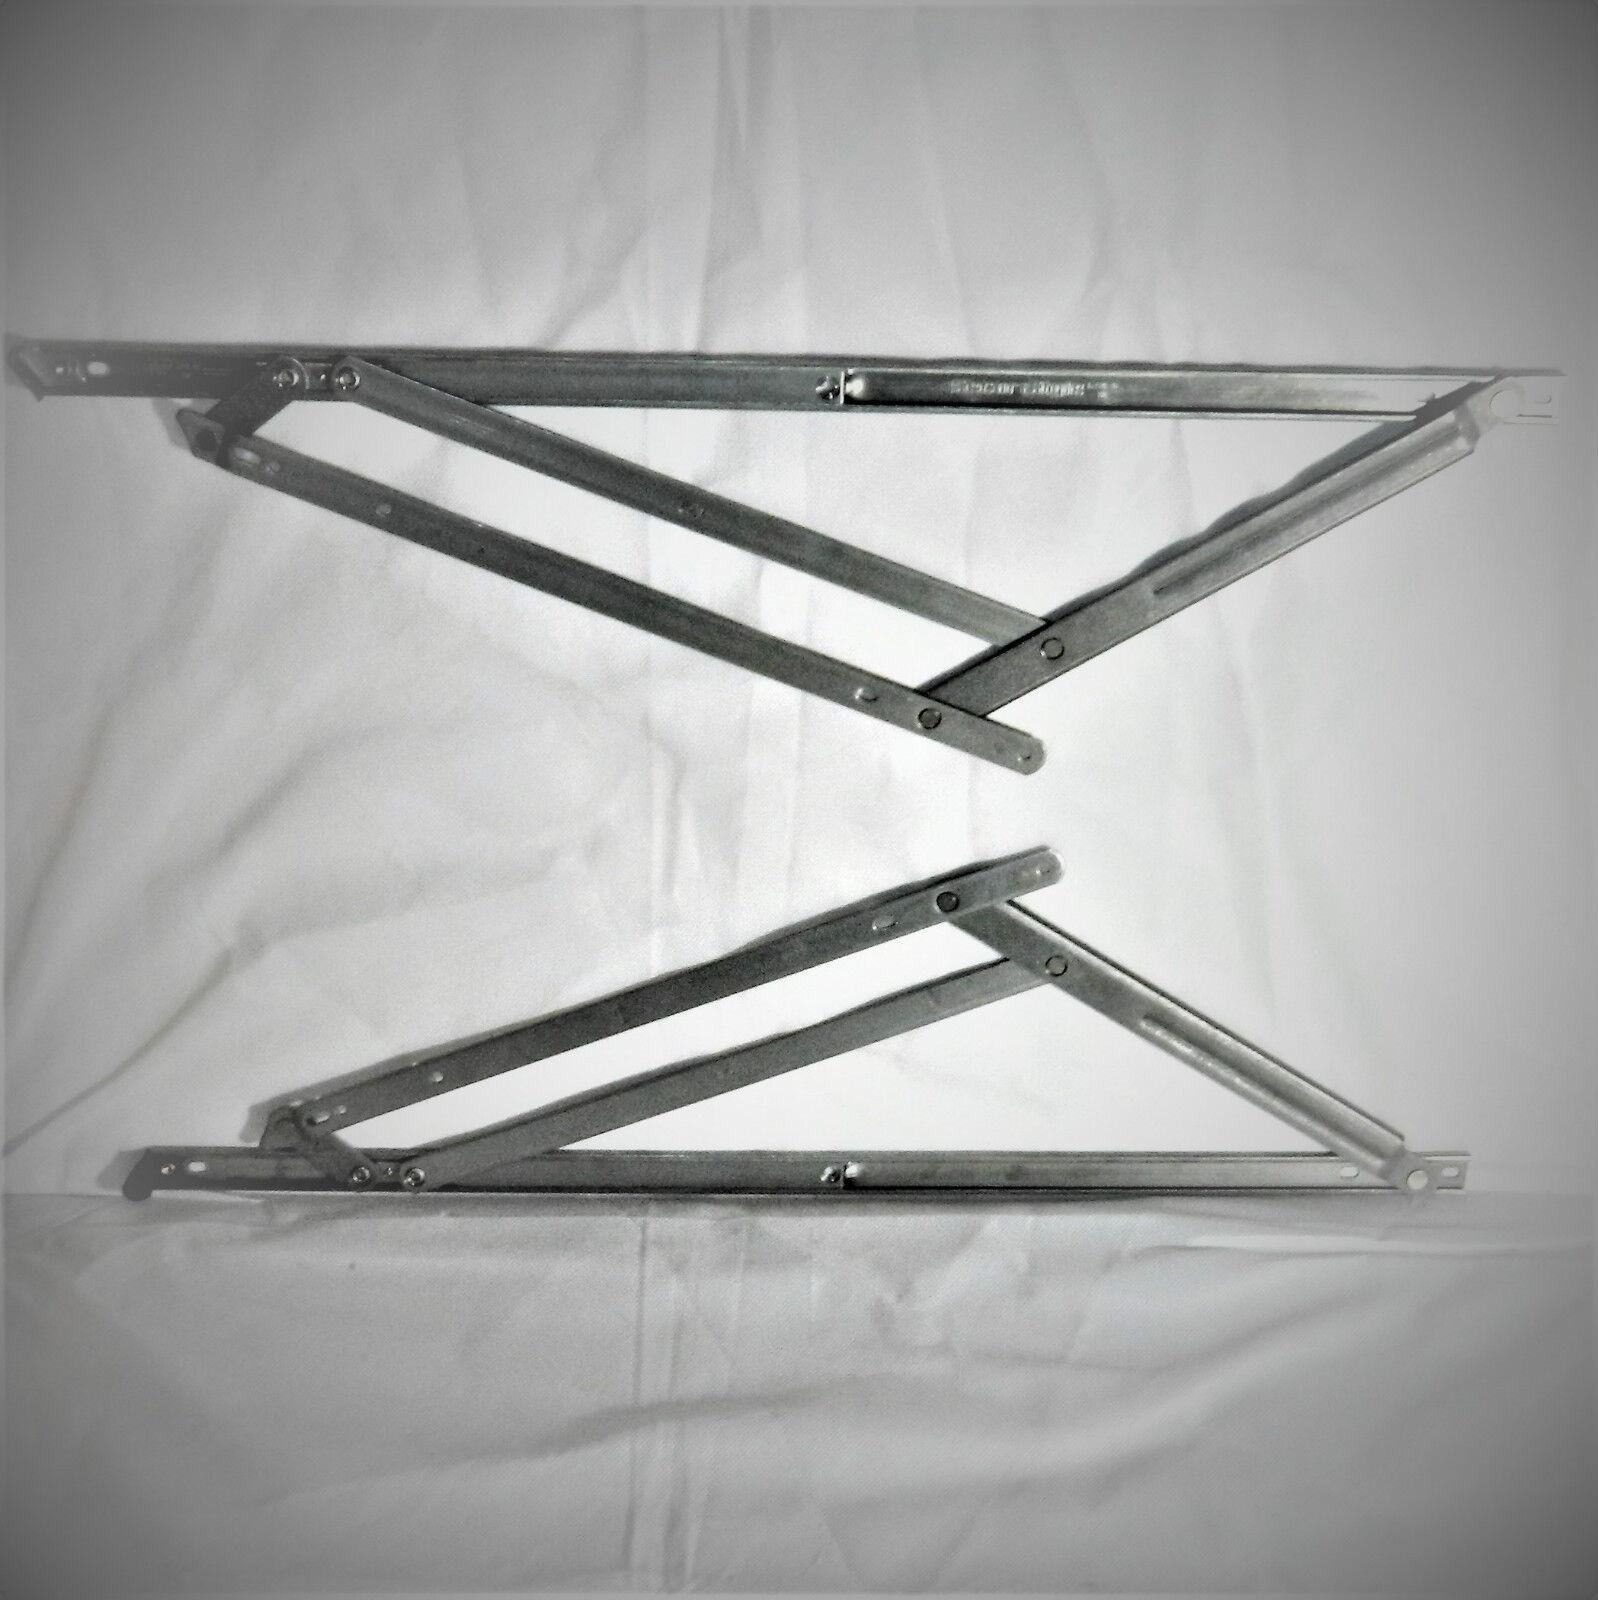 1 Paar SECURISTYLE Senkklappscheren, Fensterschere nach außen klappend, Gr. 26 26 26 | Feinen Qualität  782cfb